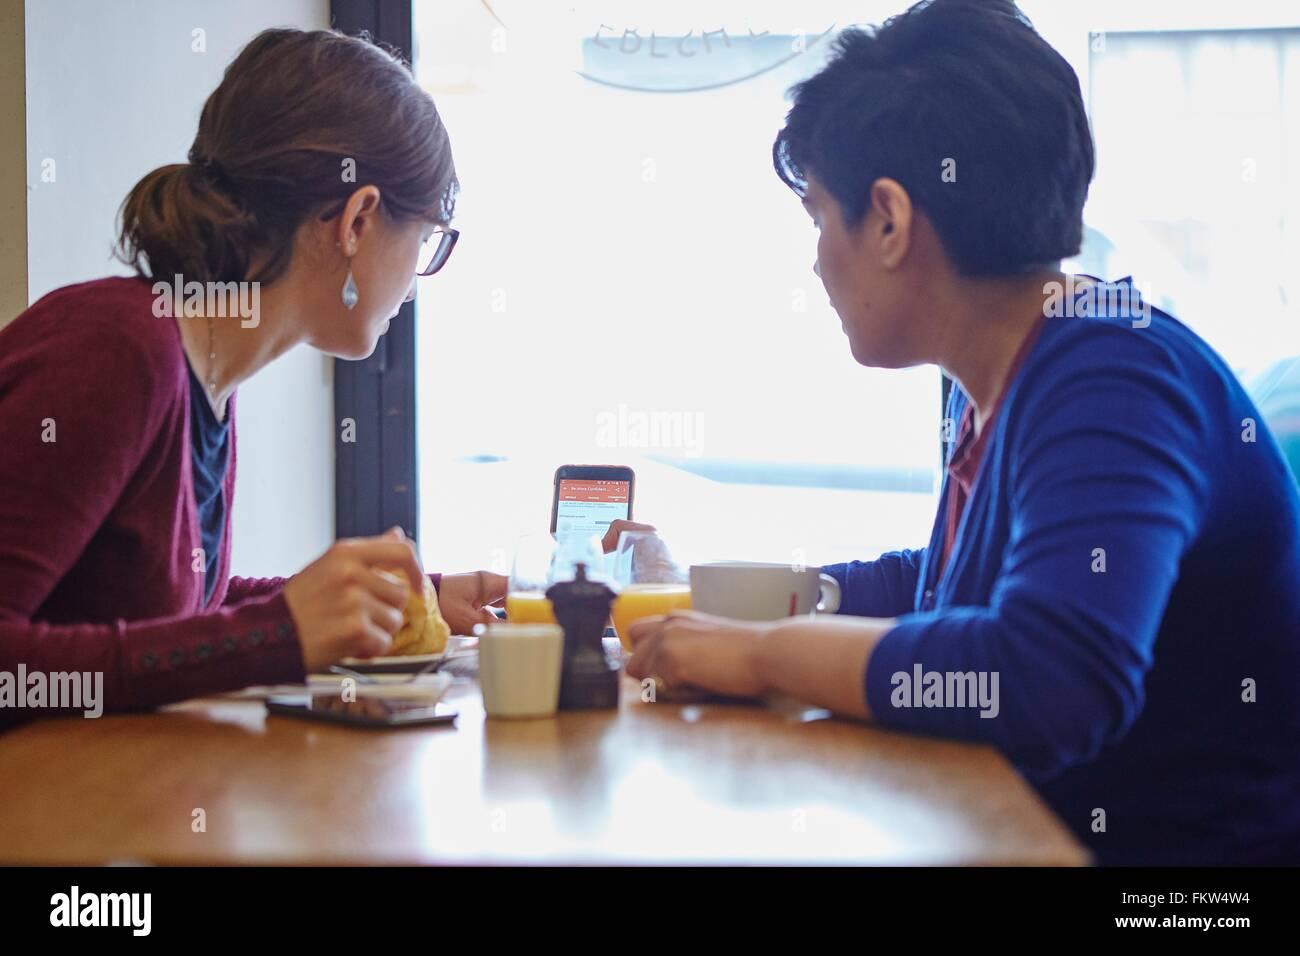 Dos mujeres leer texto smartphone en restaurante. Imagen De Stock